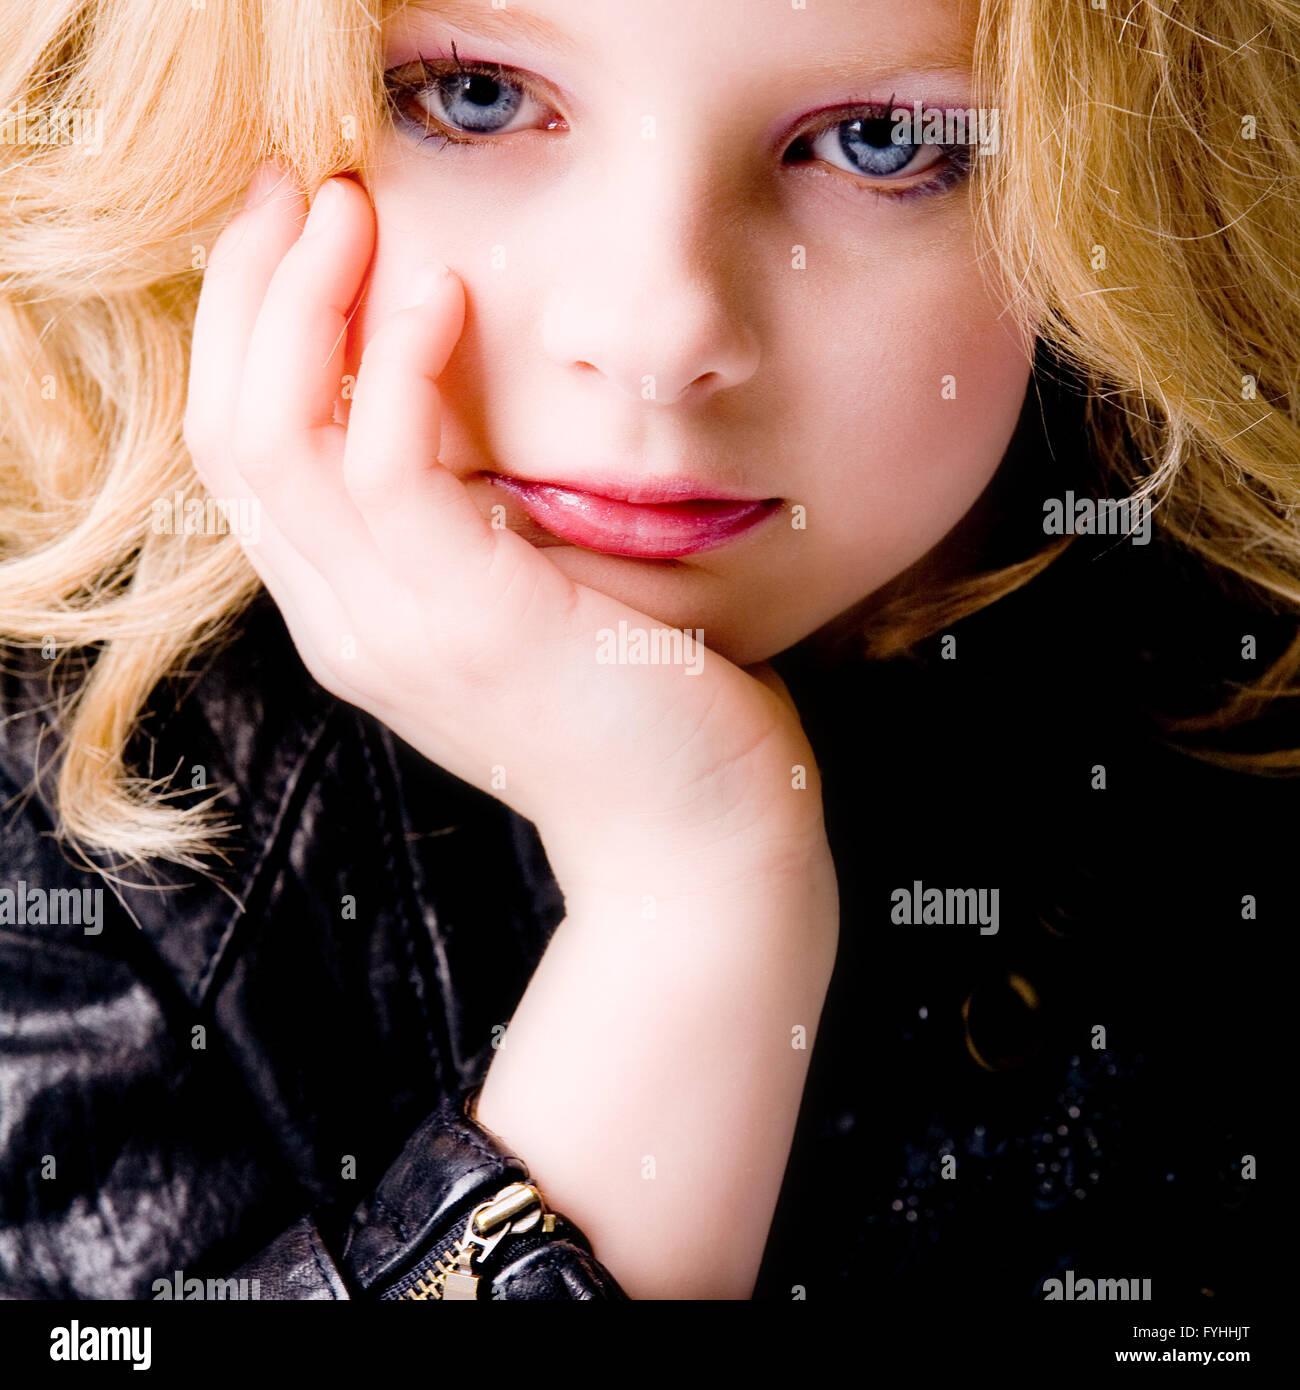 Depressive child with jacket - Stock Image